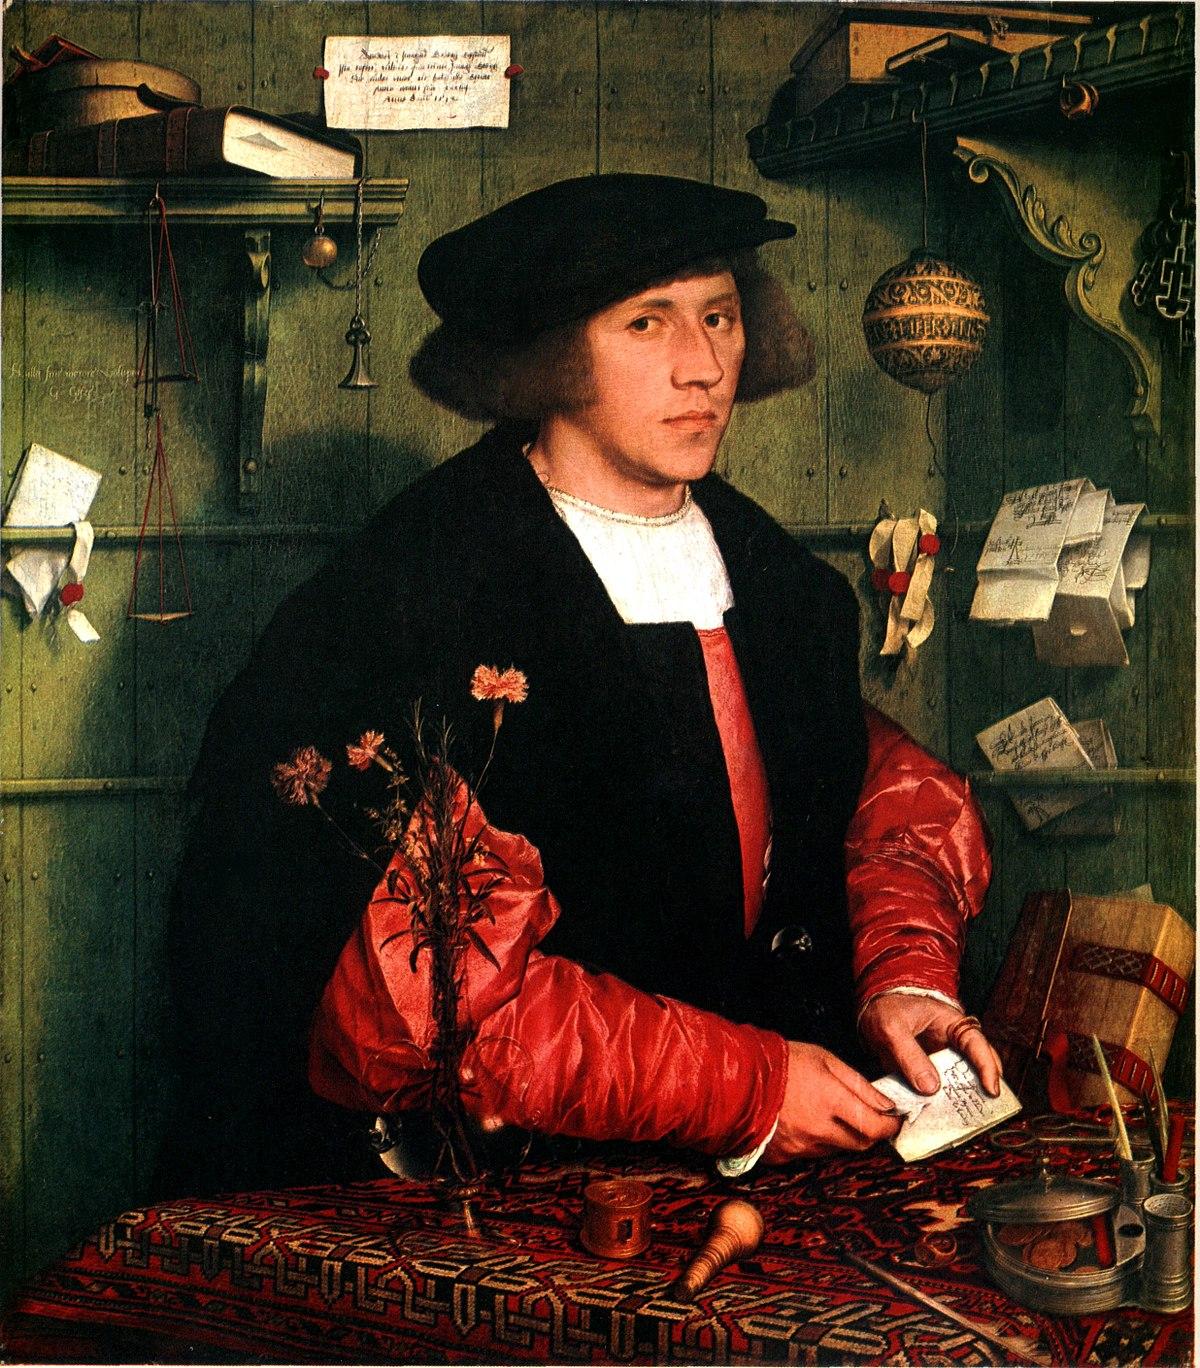 Patrycjat średniowiecze I Nowożytność Wikipedia Wolna